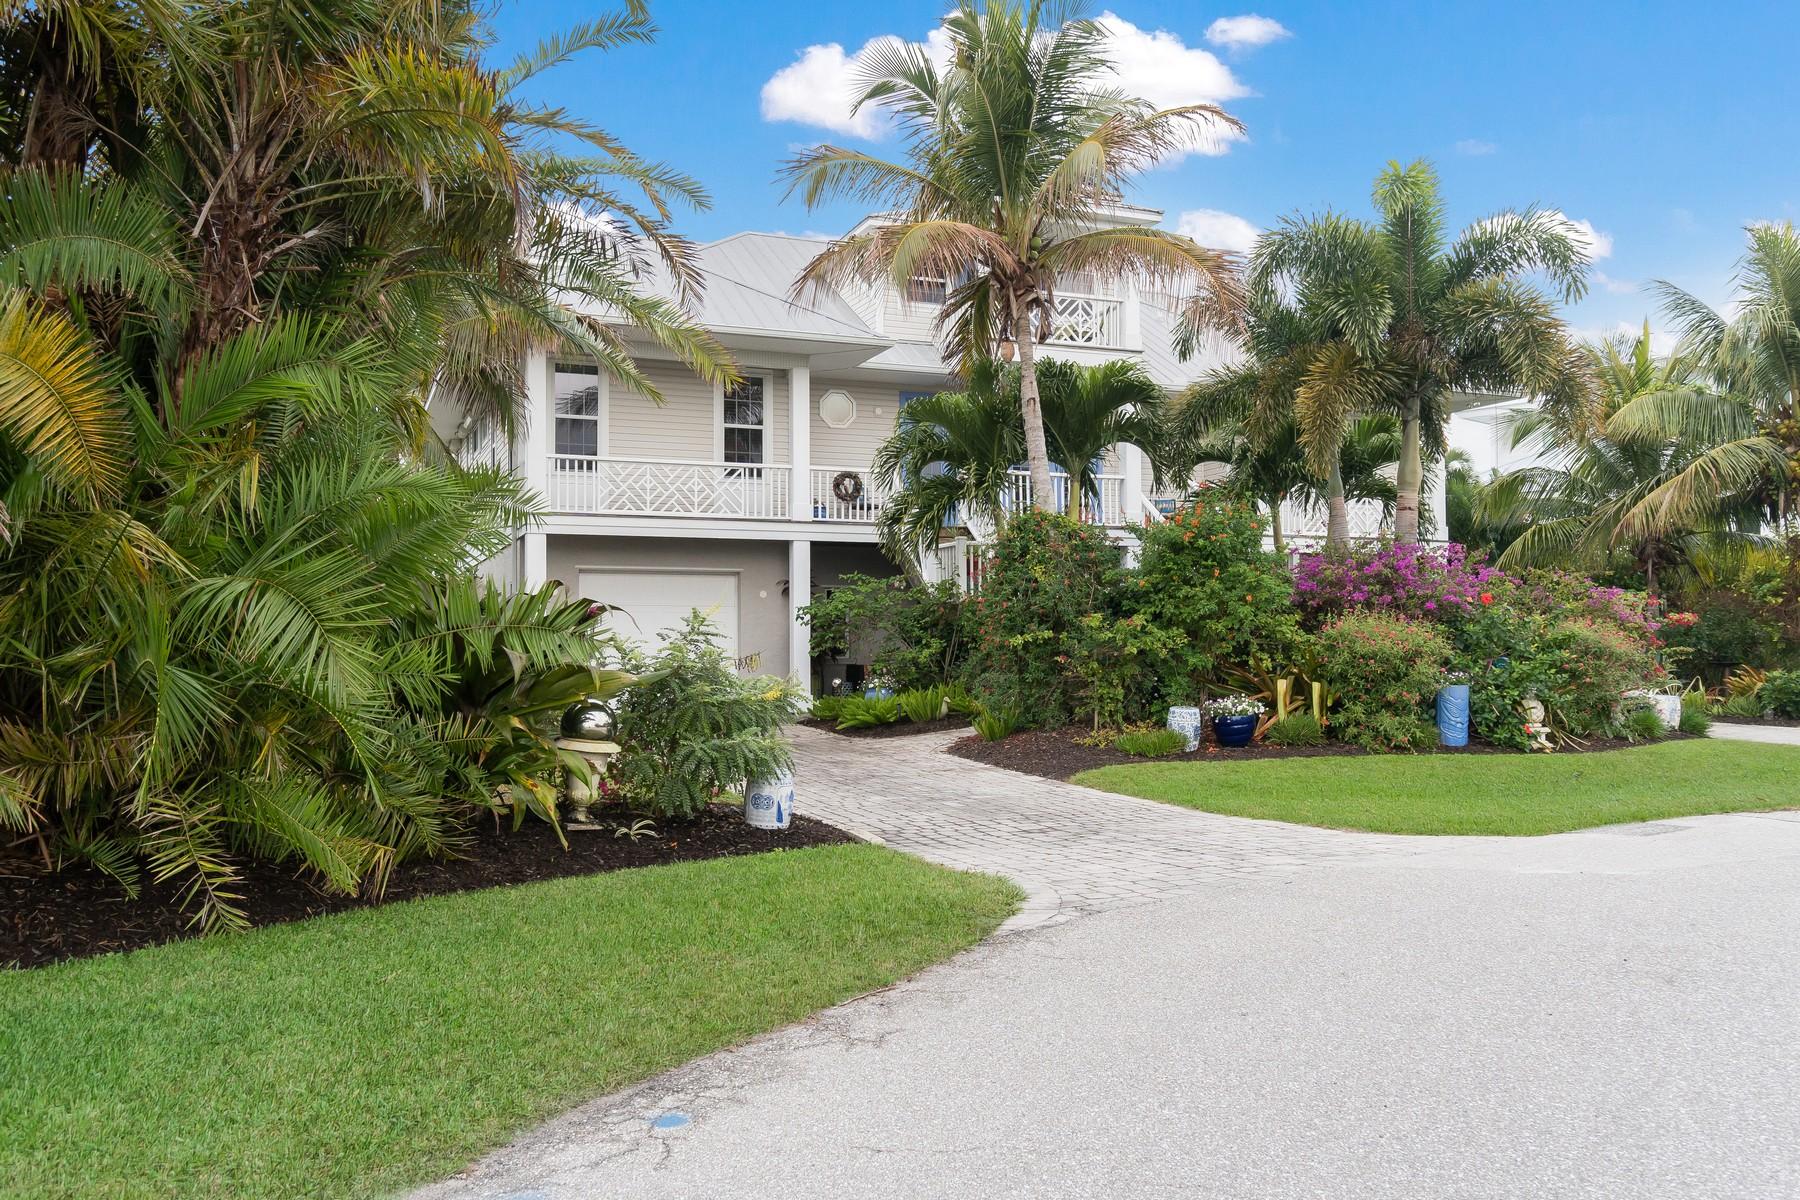 Einfamilienhaus für Verkauf beim 9891 NE Gasparilla Pass Blvd 9891 NE Gasparilla Pass Blvd., Boca Grande, Florida, 33921 Vereinigte Staaten